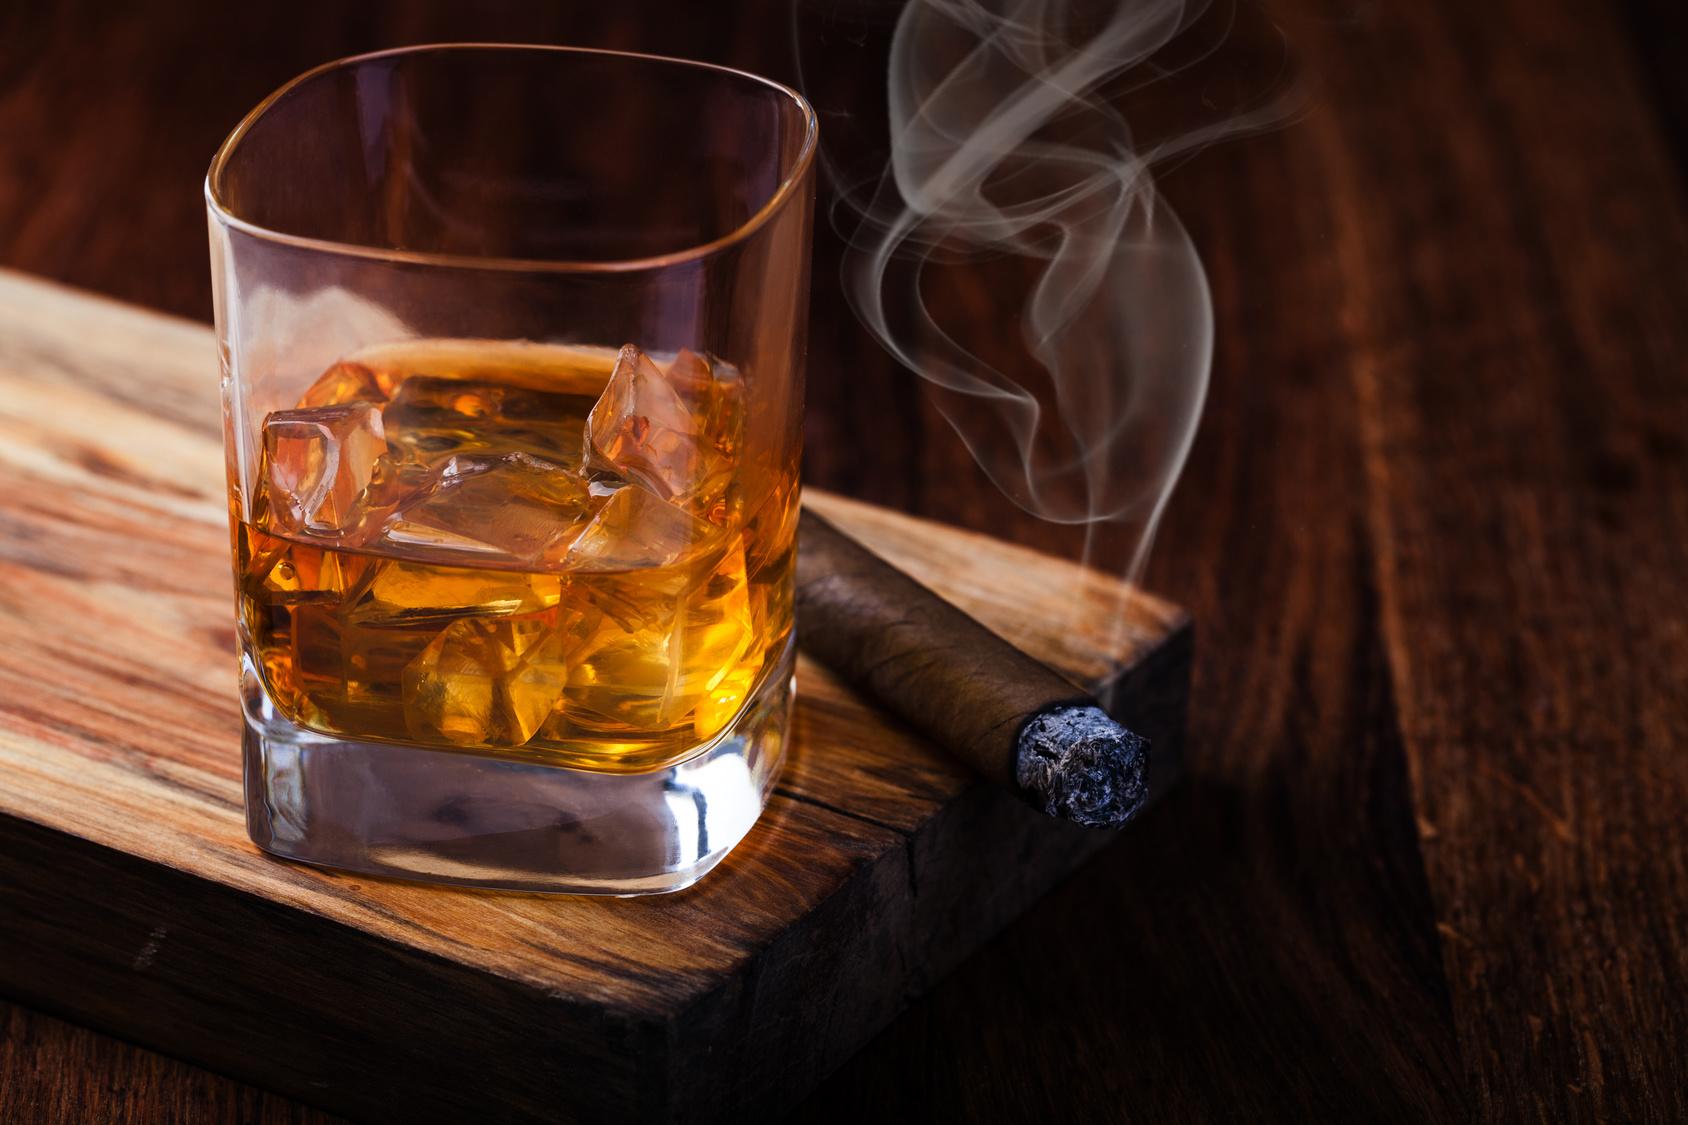 飲酒とタバコをされる方は咽頭がんのリスクが高いです!